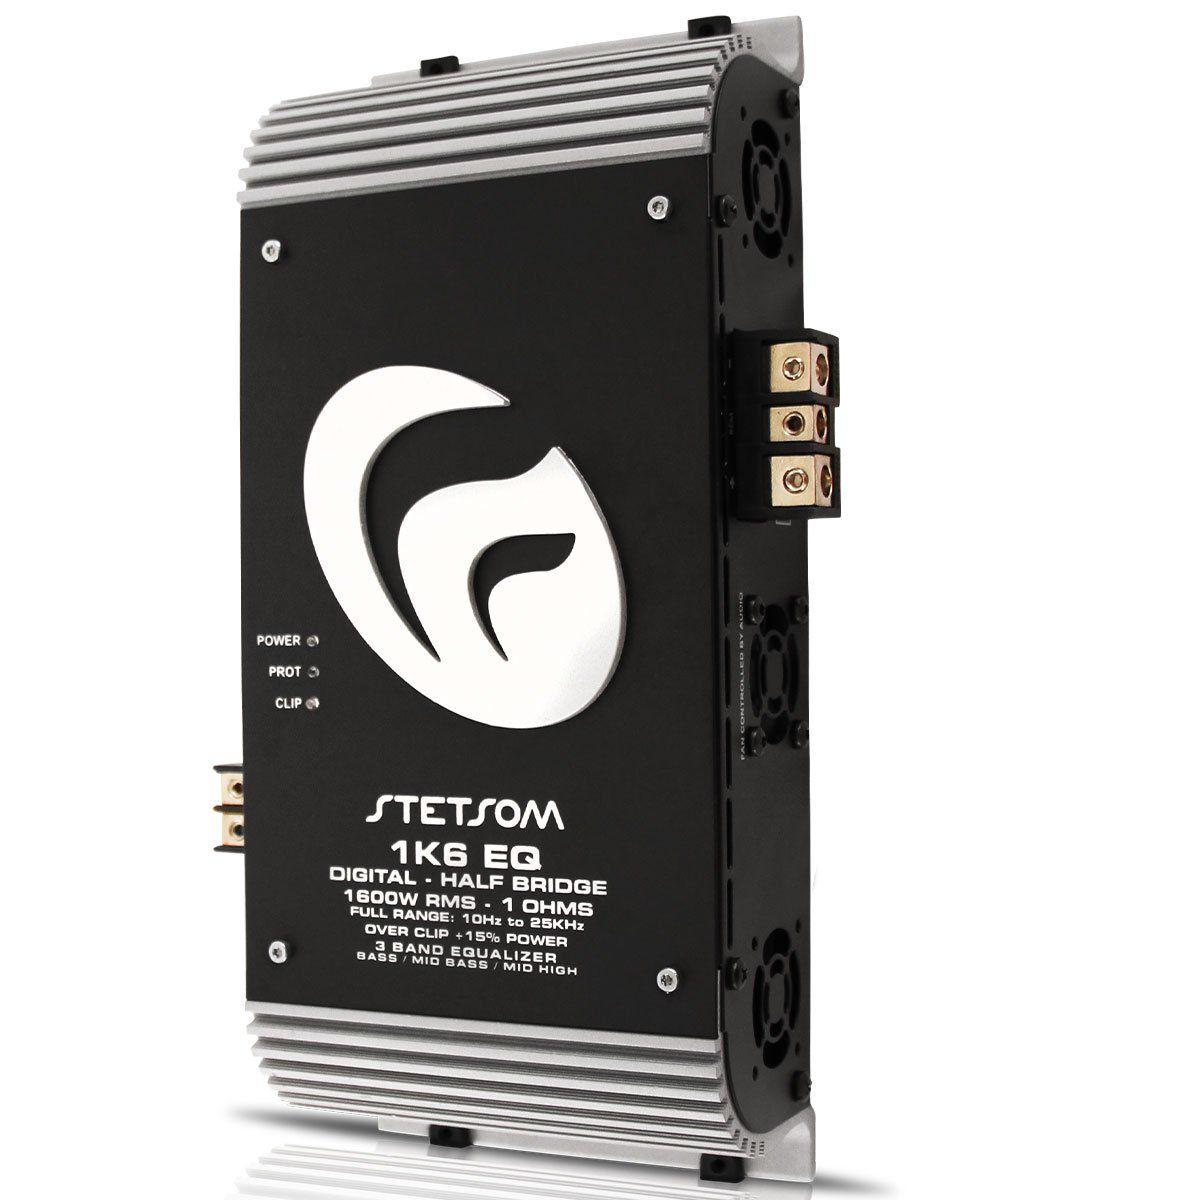 Módulo Amplificador 1K6Eq-1 Digital Vulcan 1600W Rms 1Ch 1 Ohm